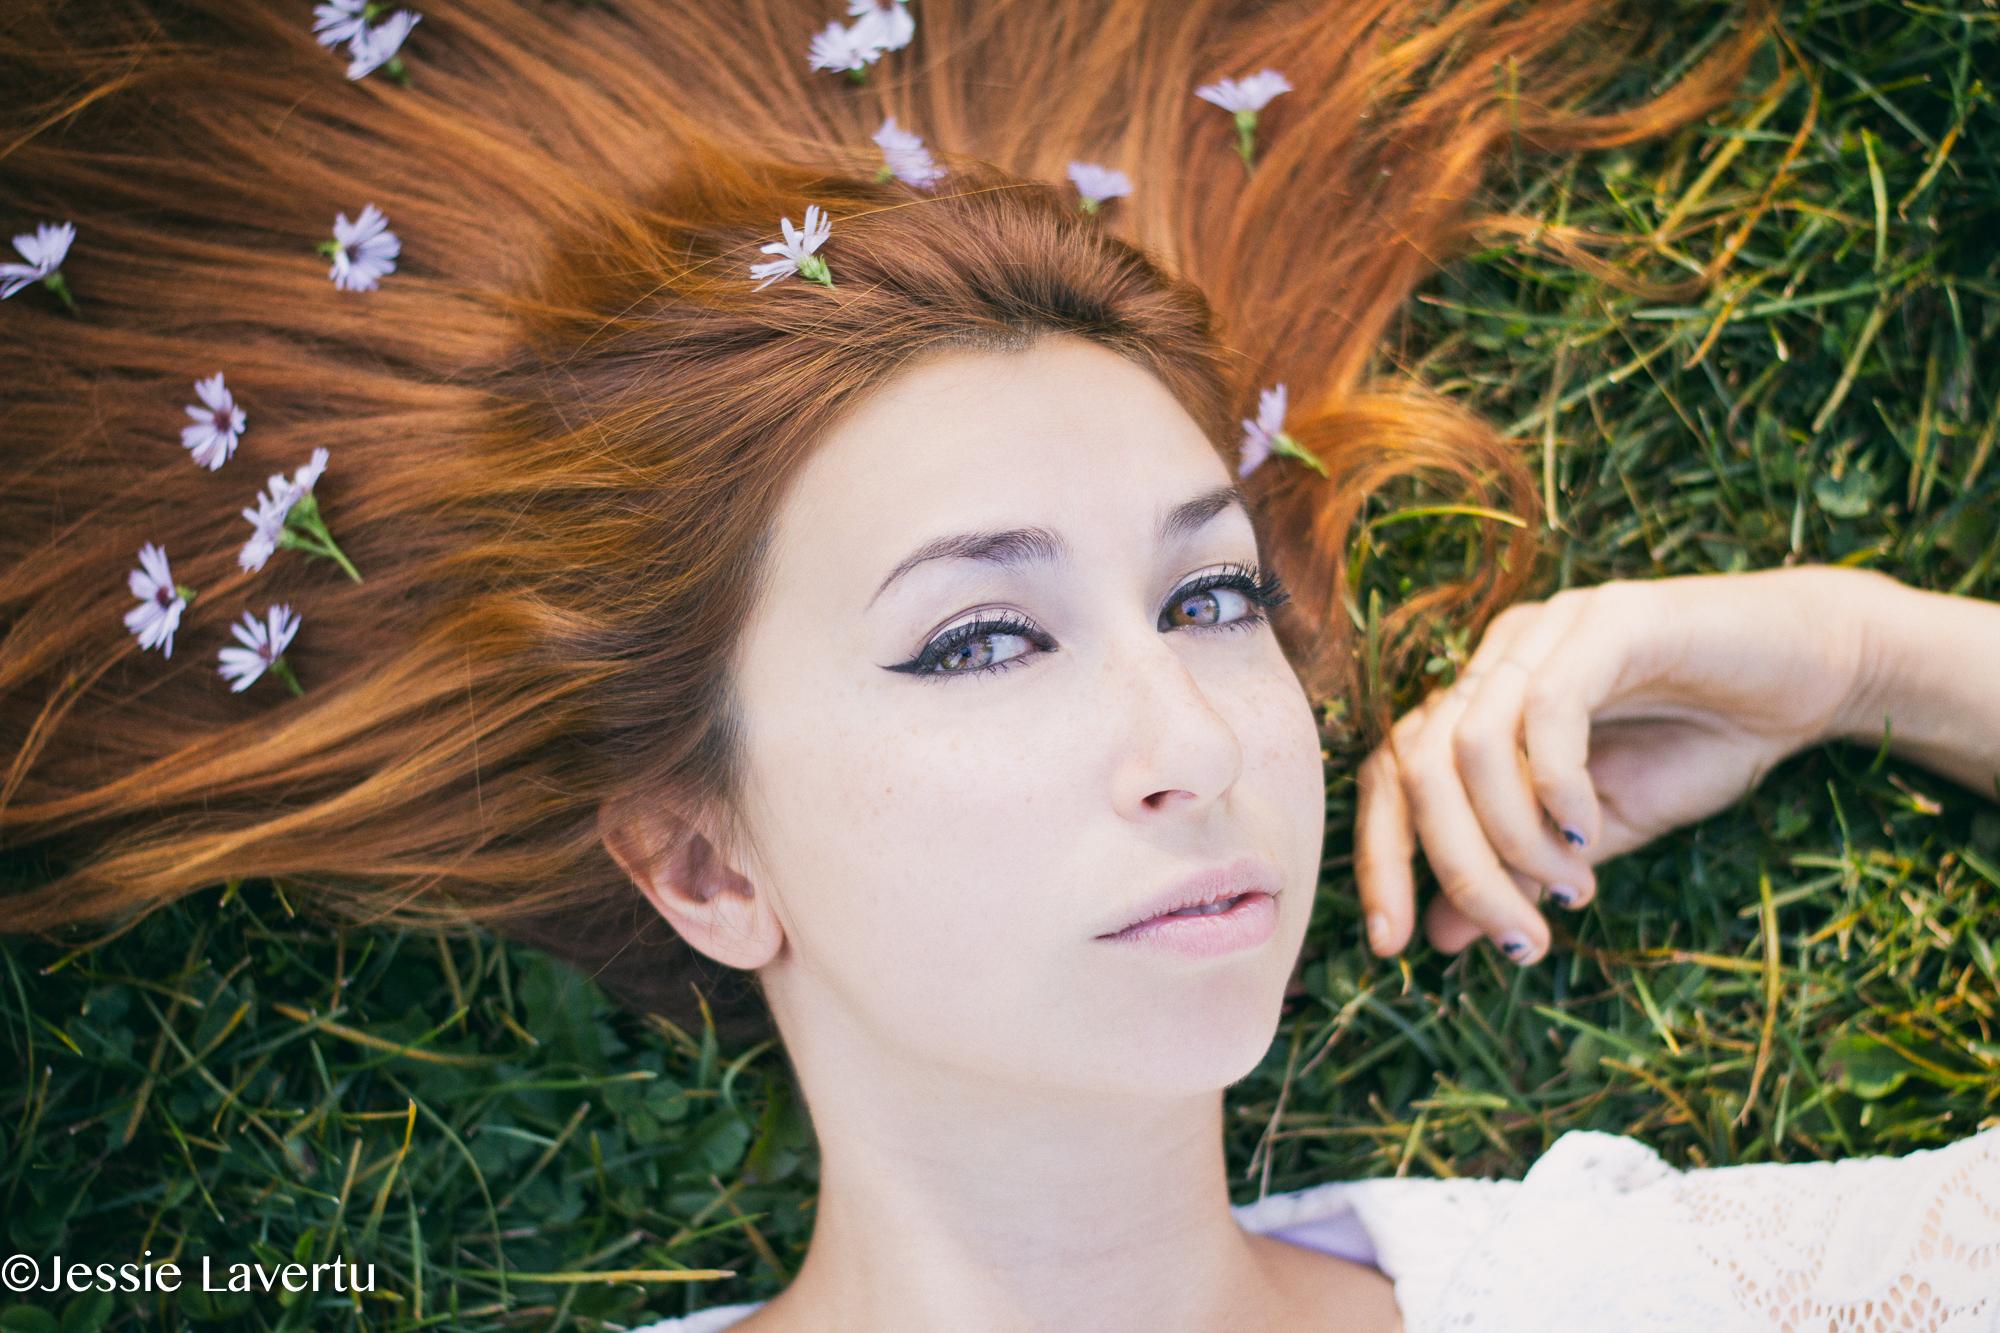 Photo tiré du portfolio de JessieL Photographe.